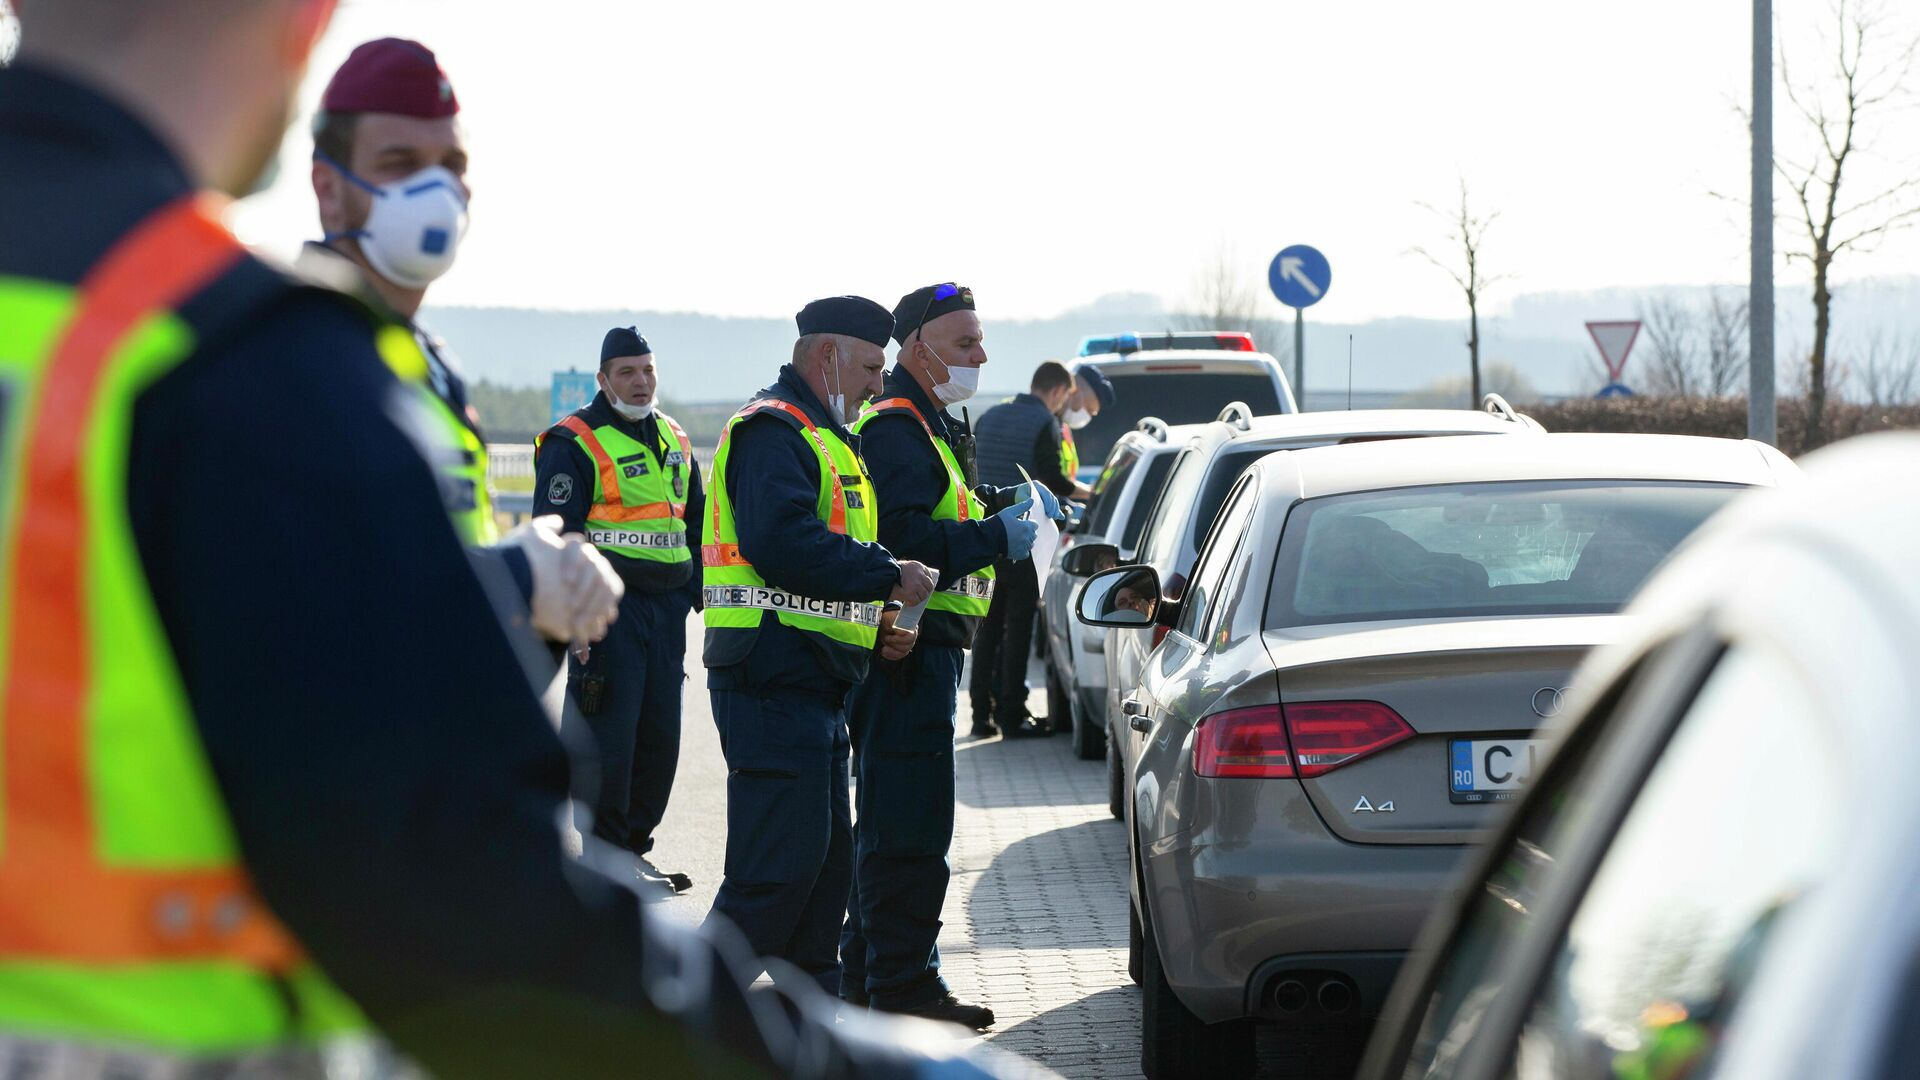 Венгерские полицейские проверяют документы у водителей, прибывших из Словении, в связи с усиленным контролем из-за эпидемии коронавируса  - РИА Новости, 1920, 29.09.2020